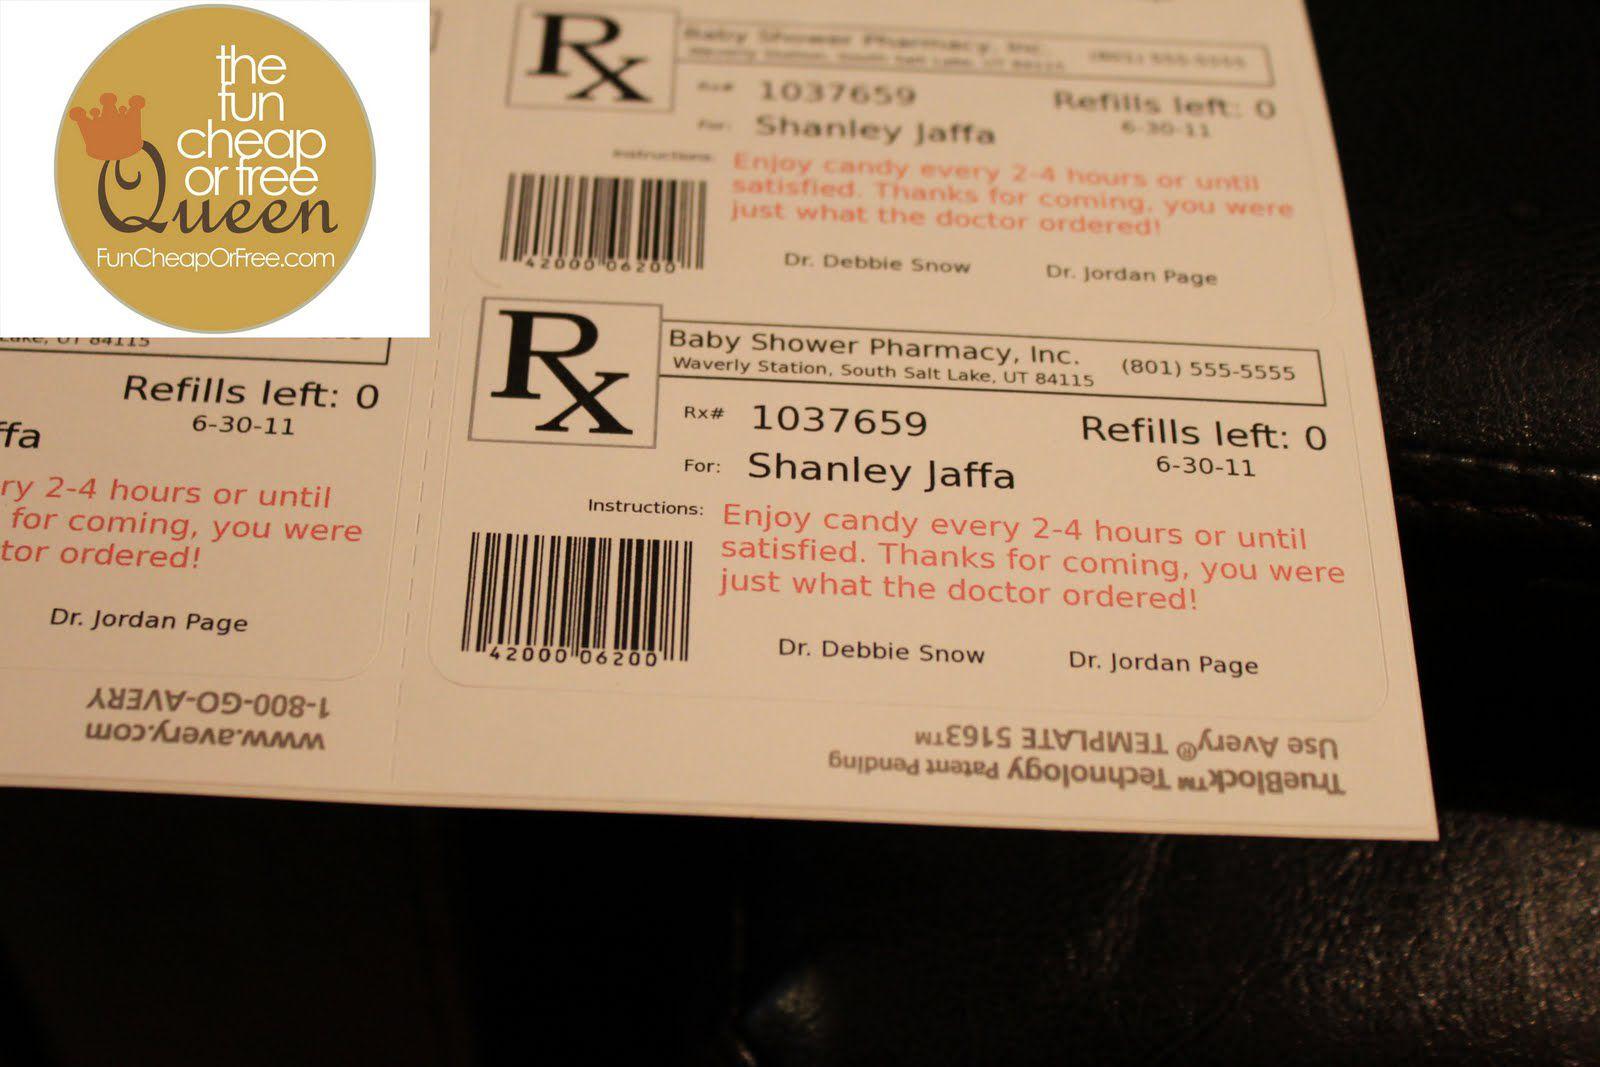 008 Impressive Free Fake Prescription Label Template Inspiration Full